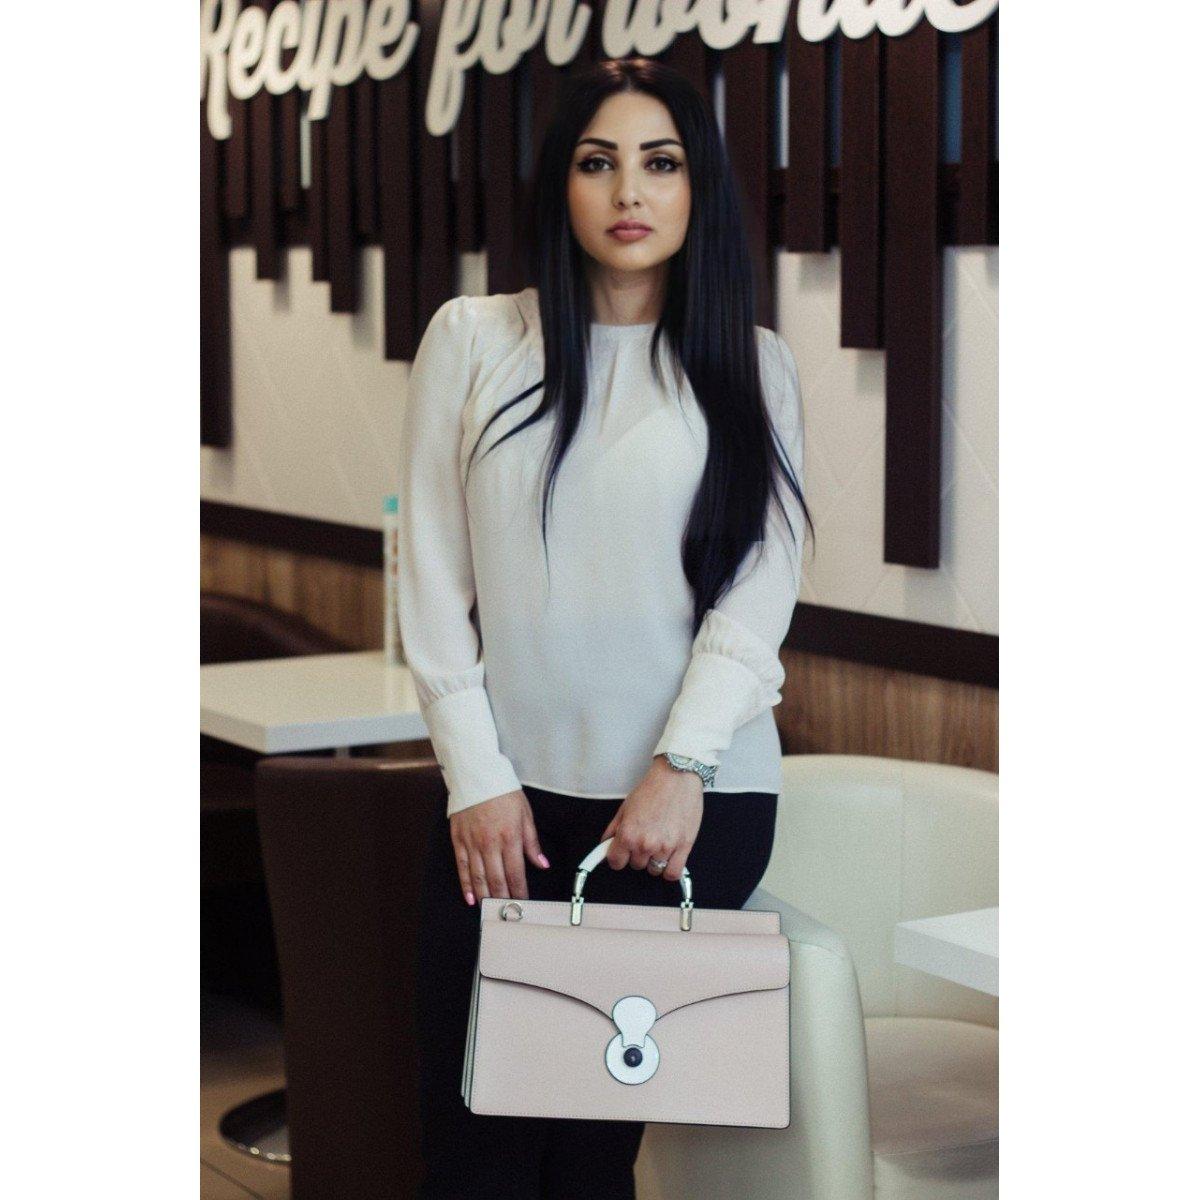 Женская кожаная сумка Tosca Blu TS19RB370 white pink из натуральной кожи